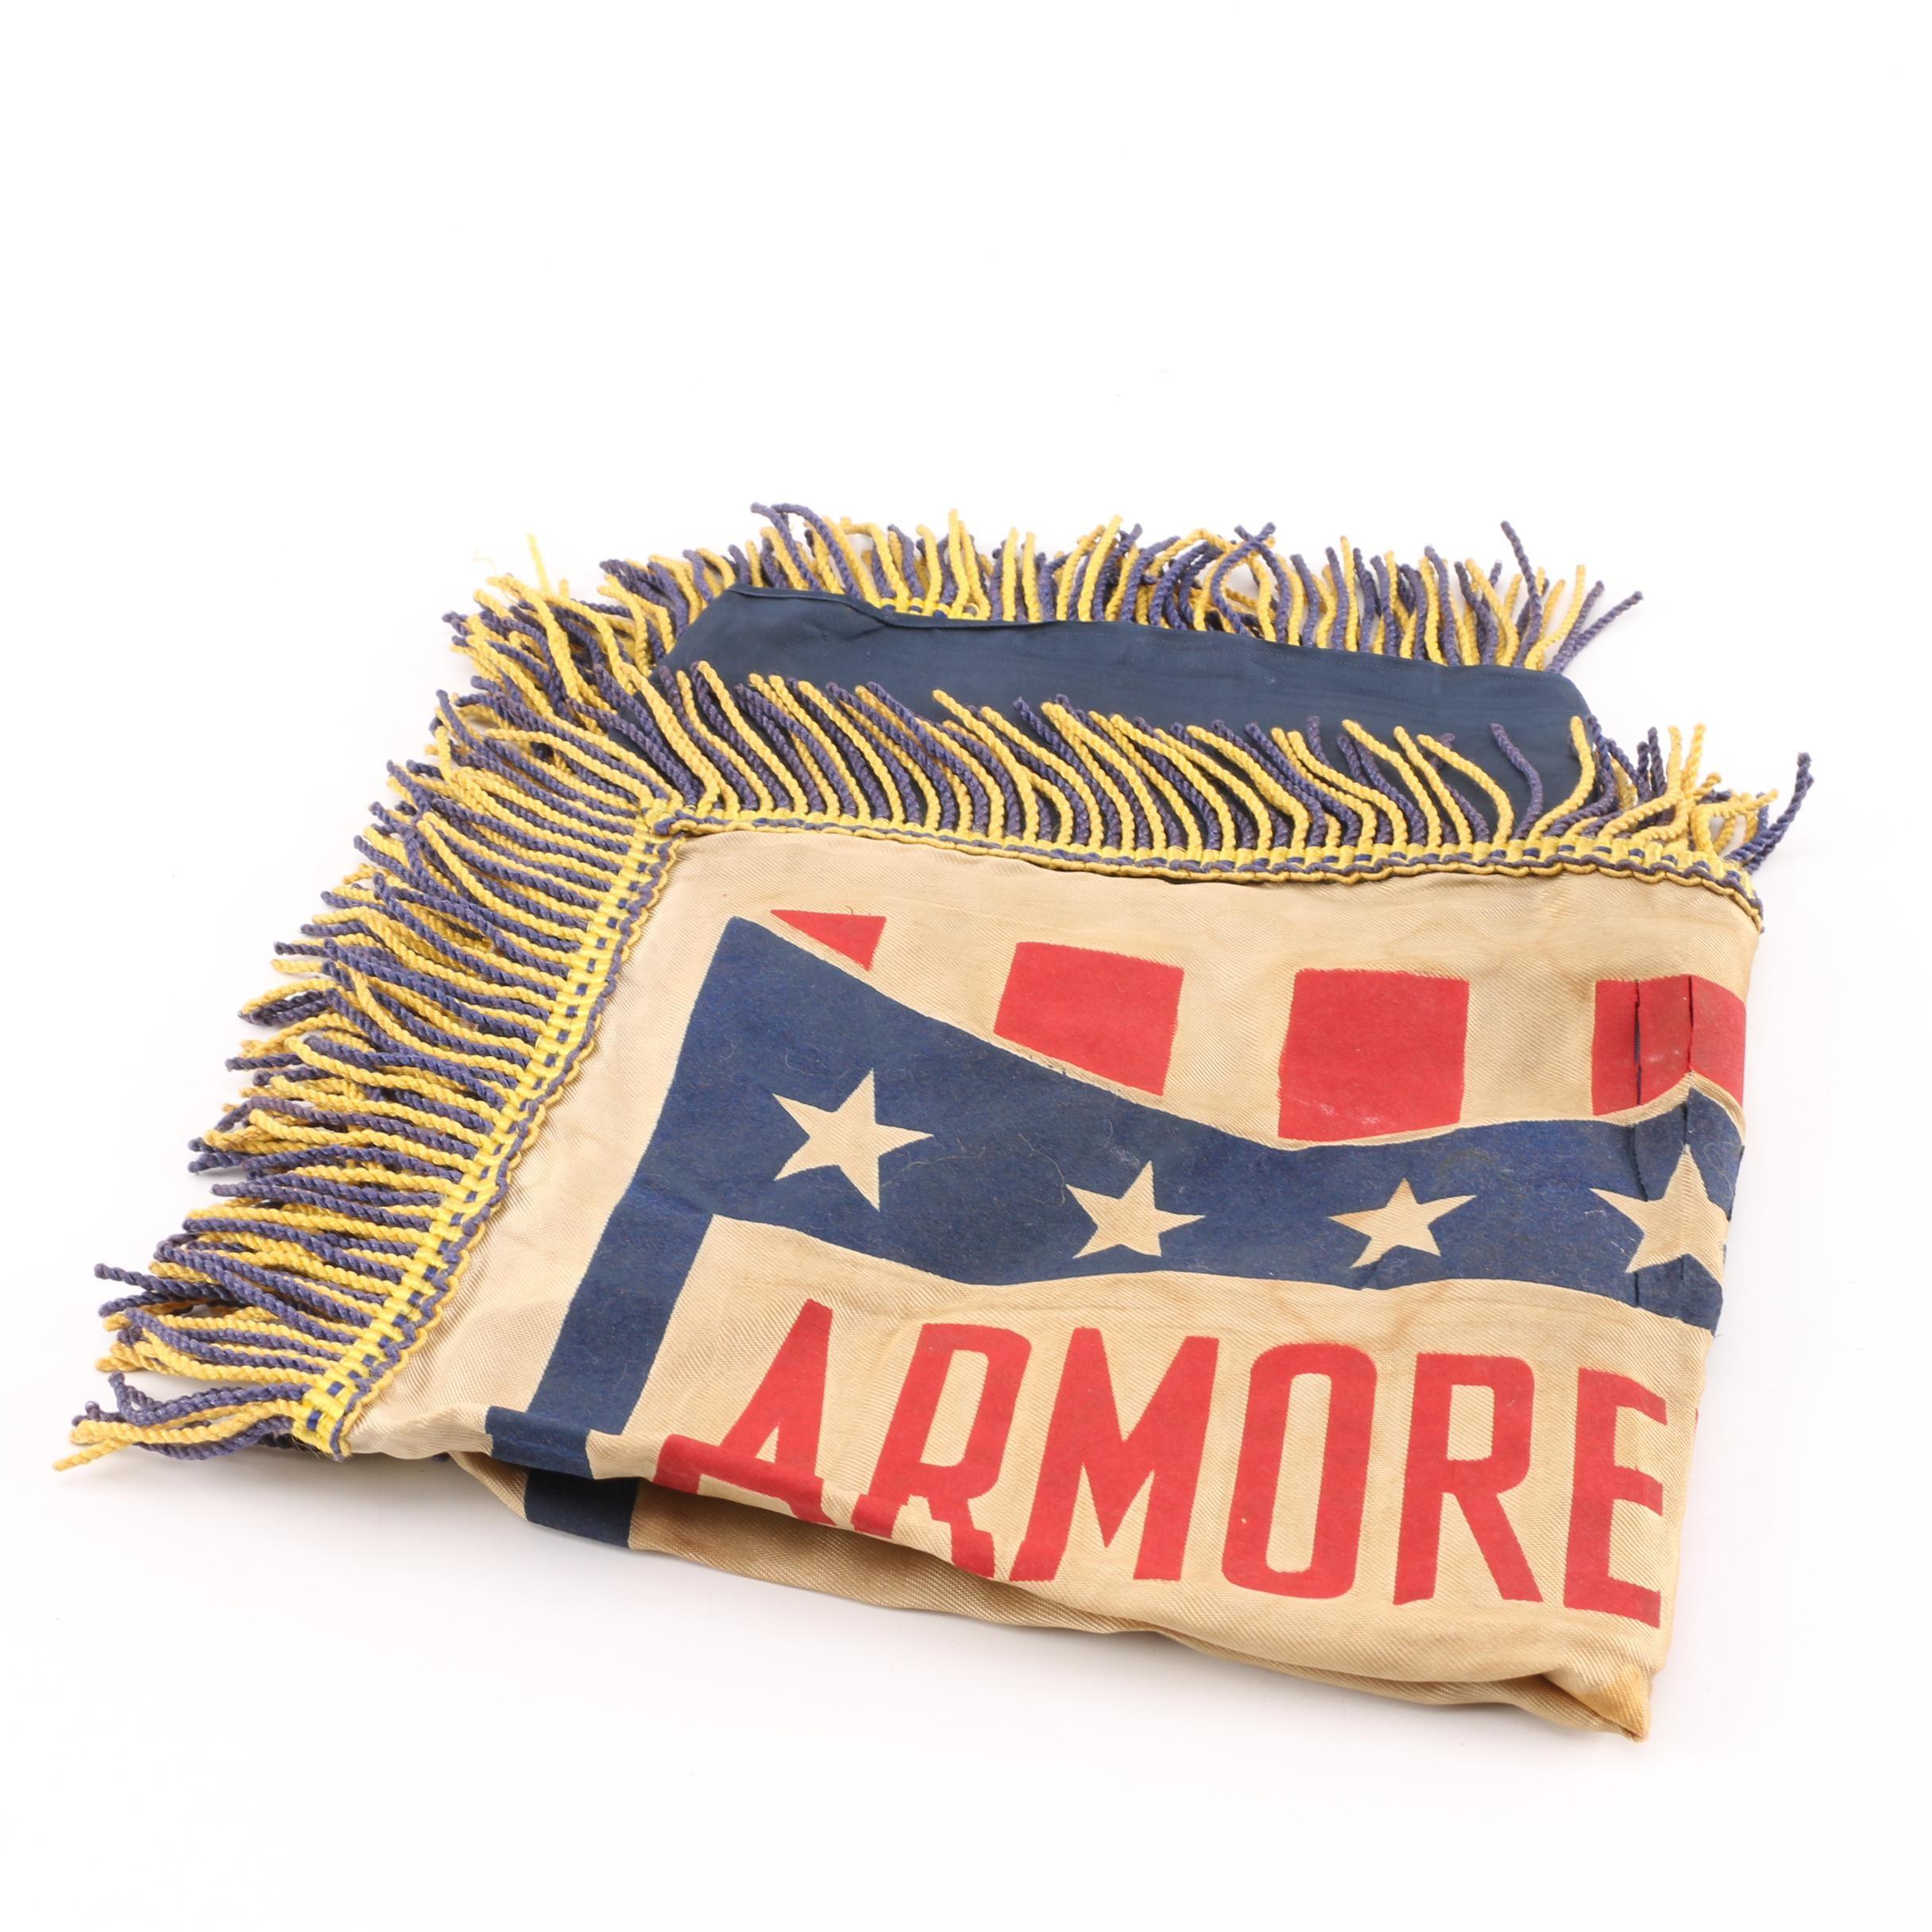 Vintage Armored Force Souvenir Pillow Cover